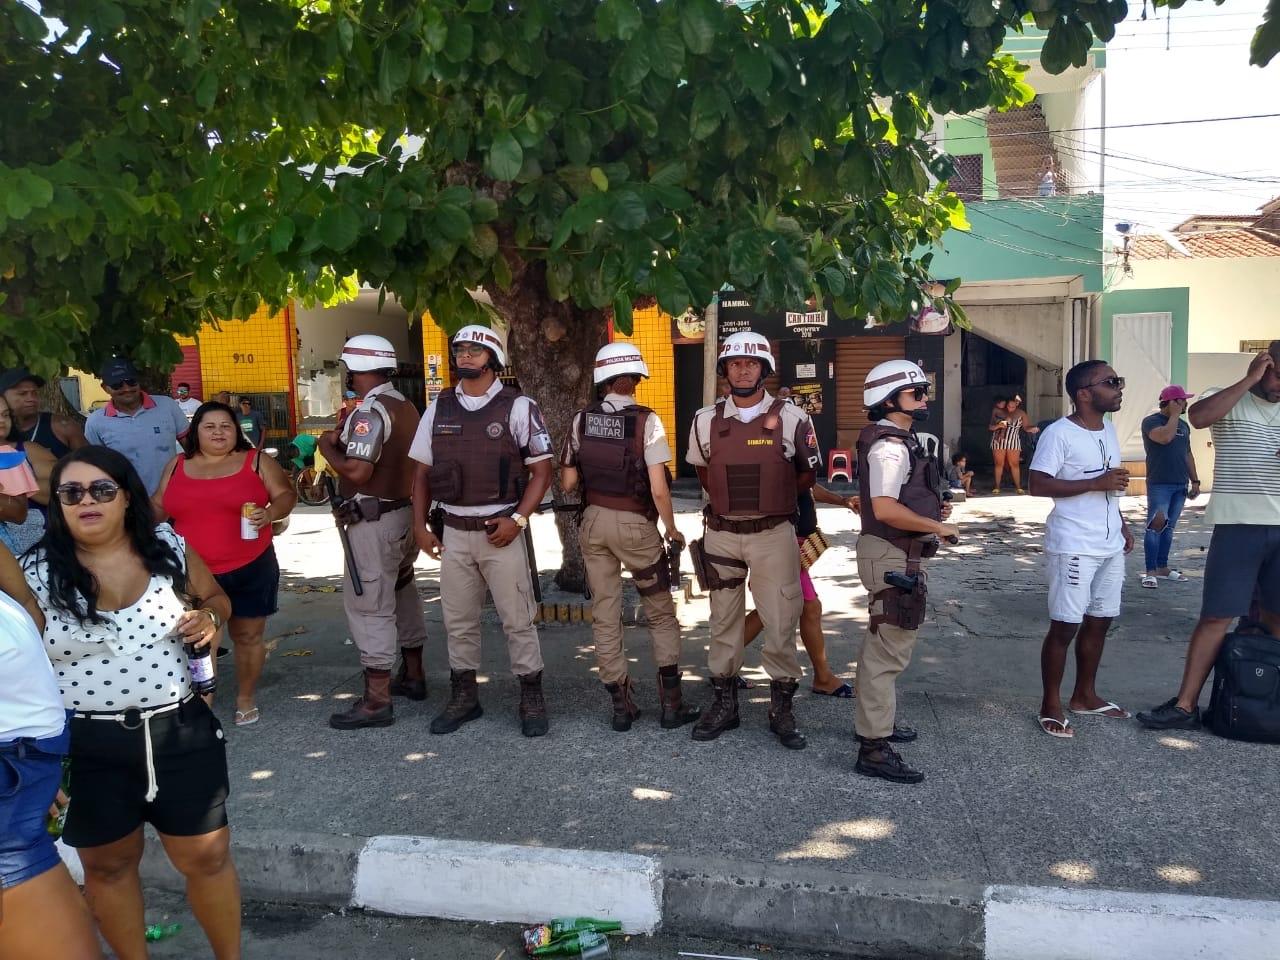 52ª CIPM garante a segurança nos festejos do padroeiro de Lauro de Freitas, Santo Amaro de Ipitanga